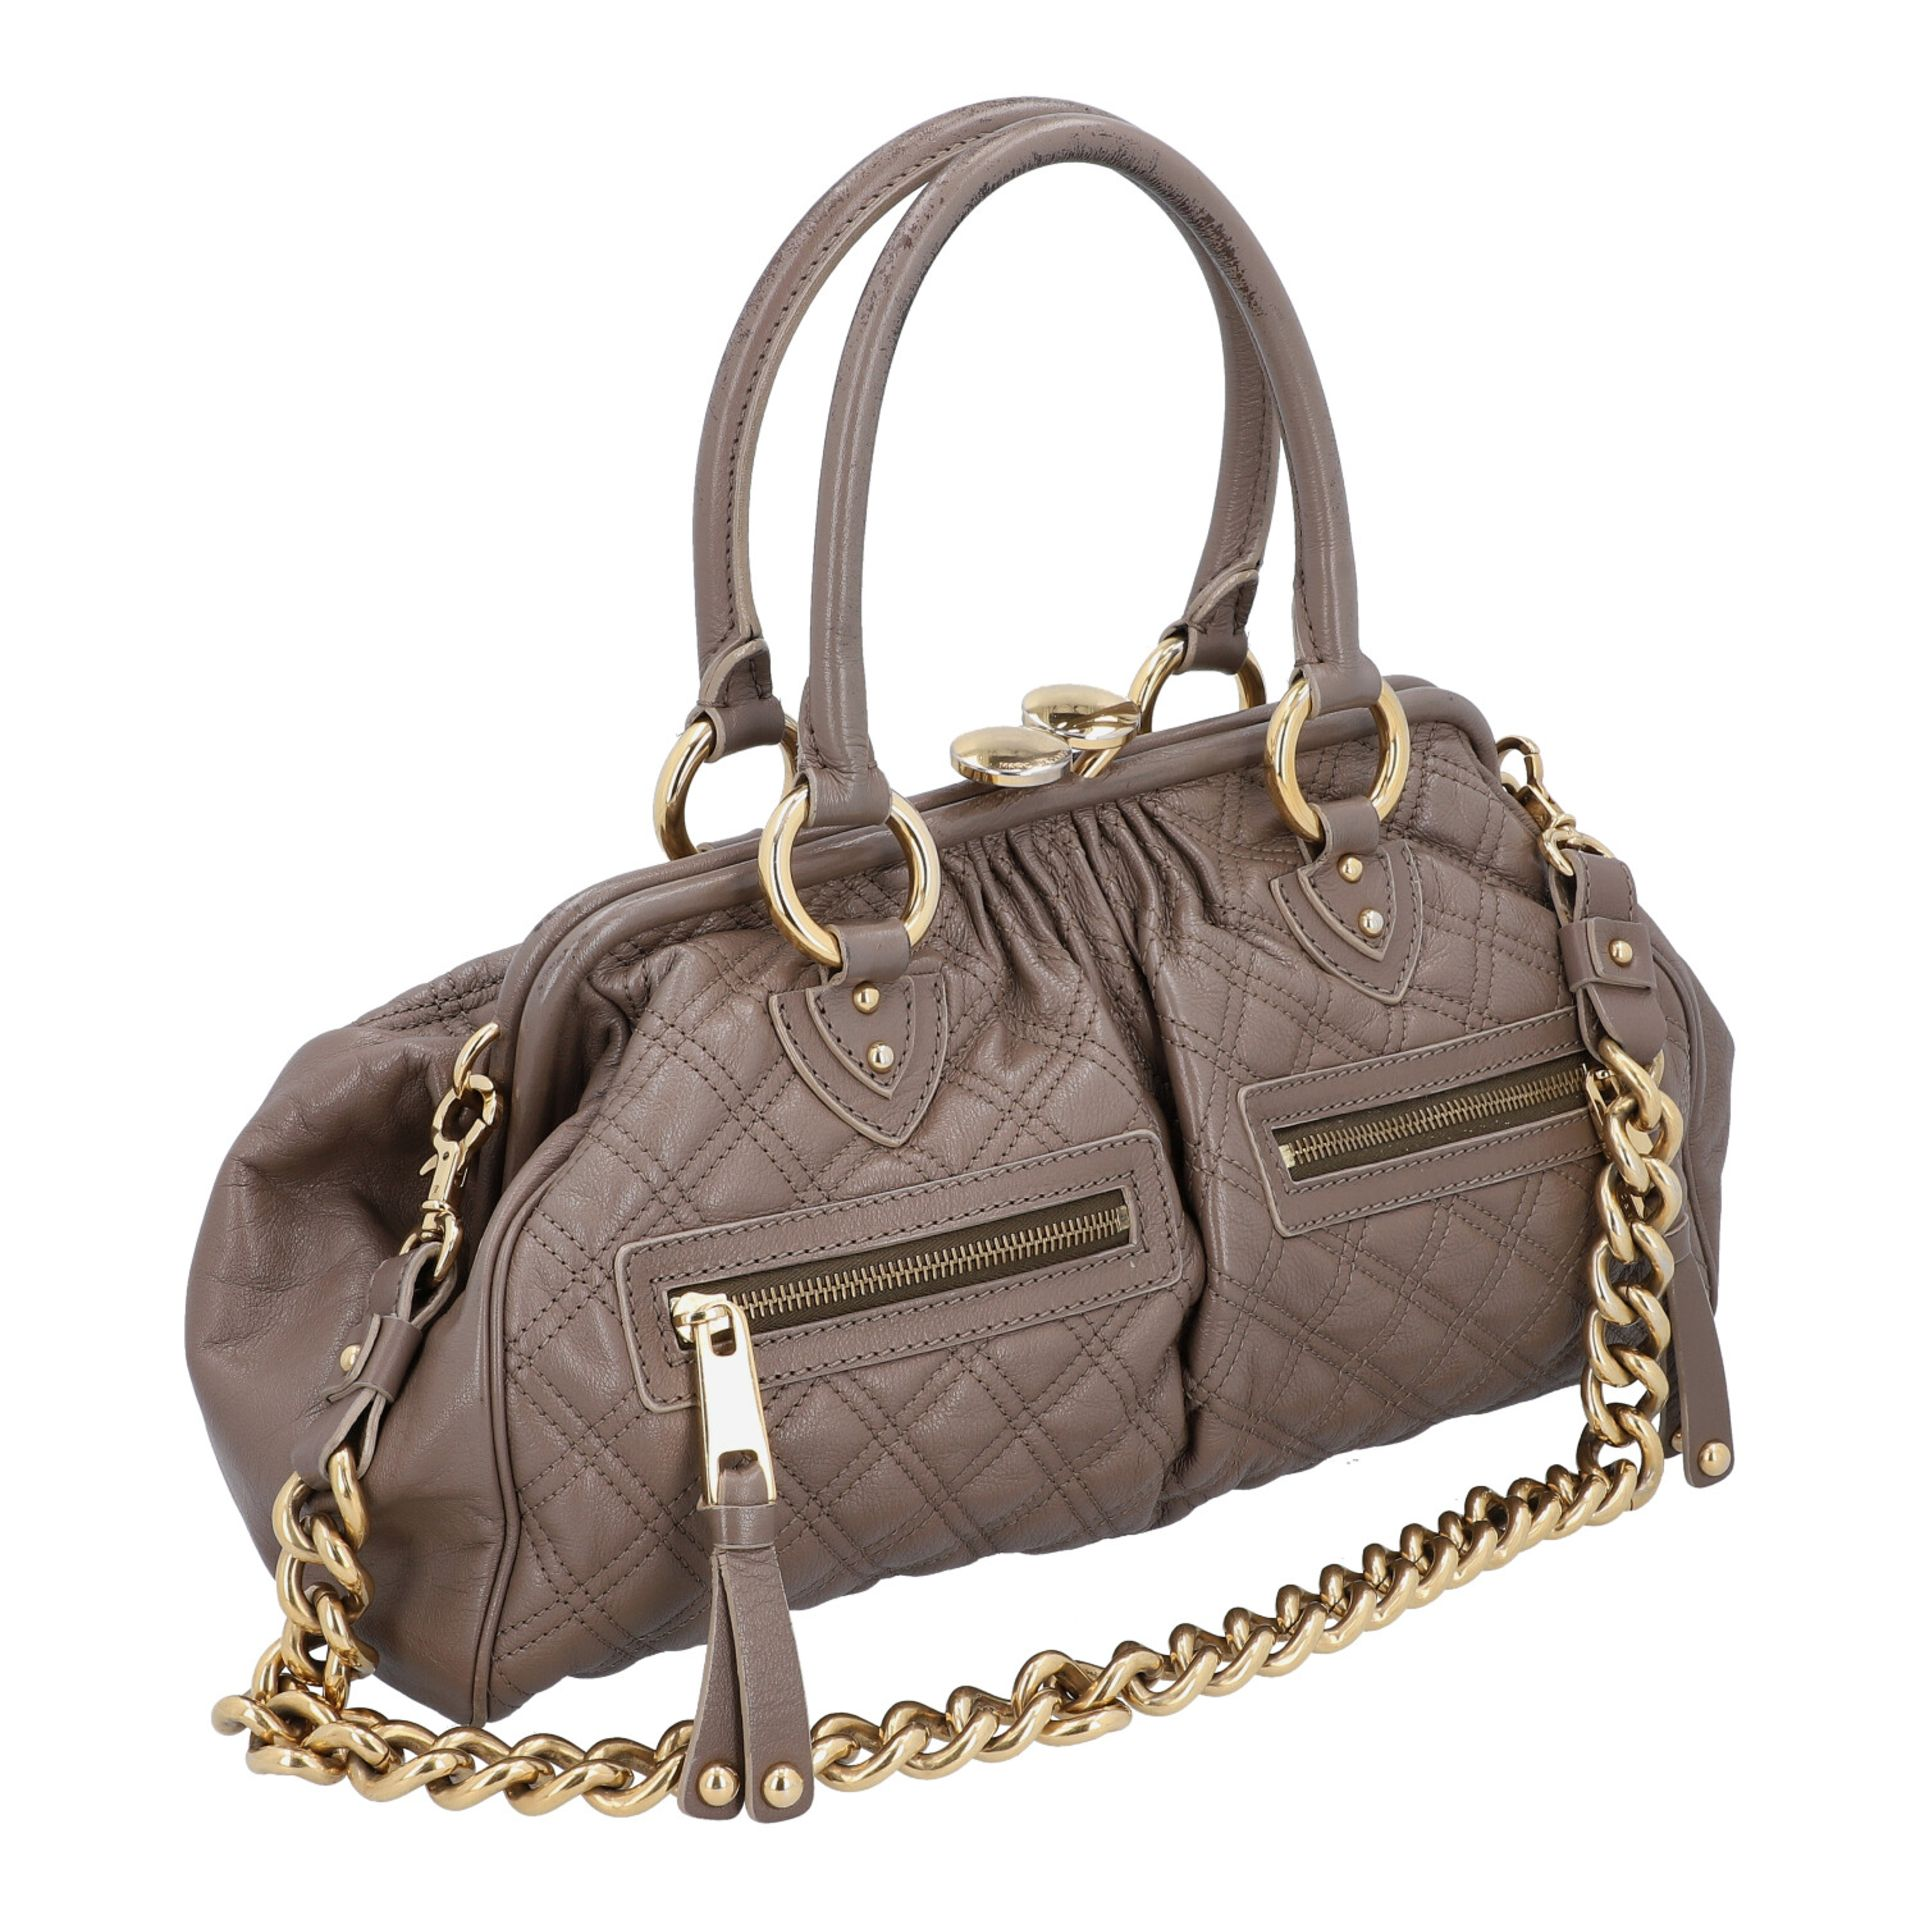 MARC JACOBS Handtasche. Leder in Elefantengrau mit goldfarbener Hardware und Rautenste - Image 2 of 8